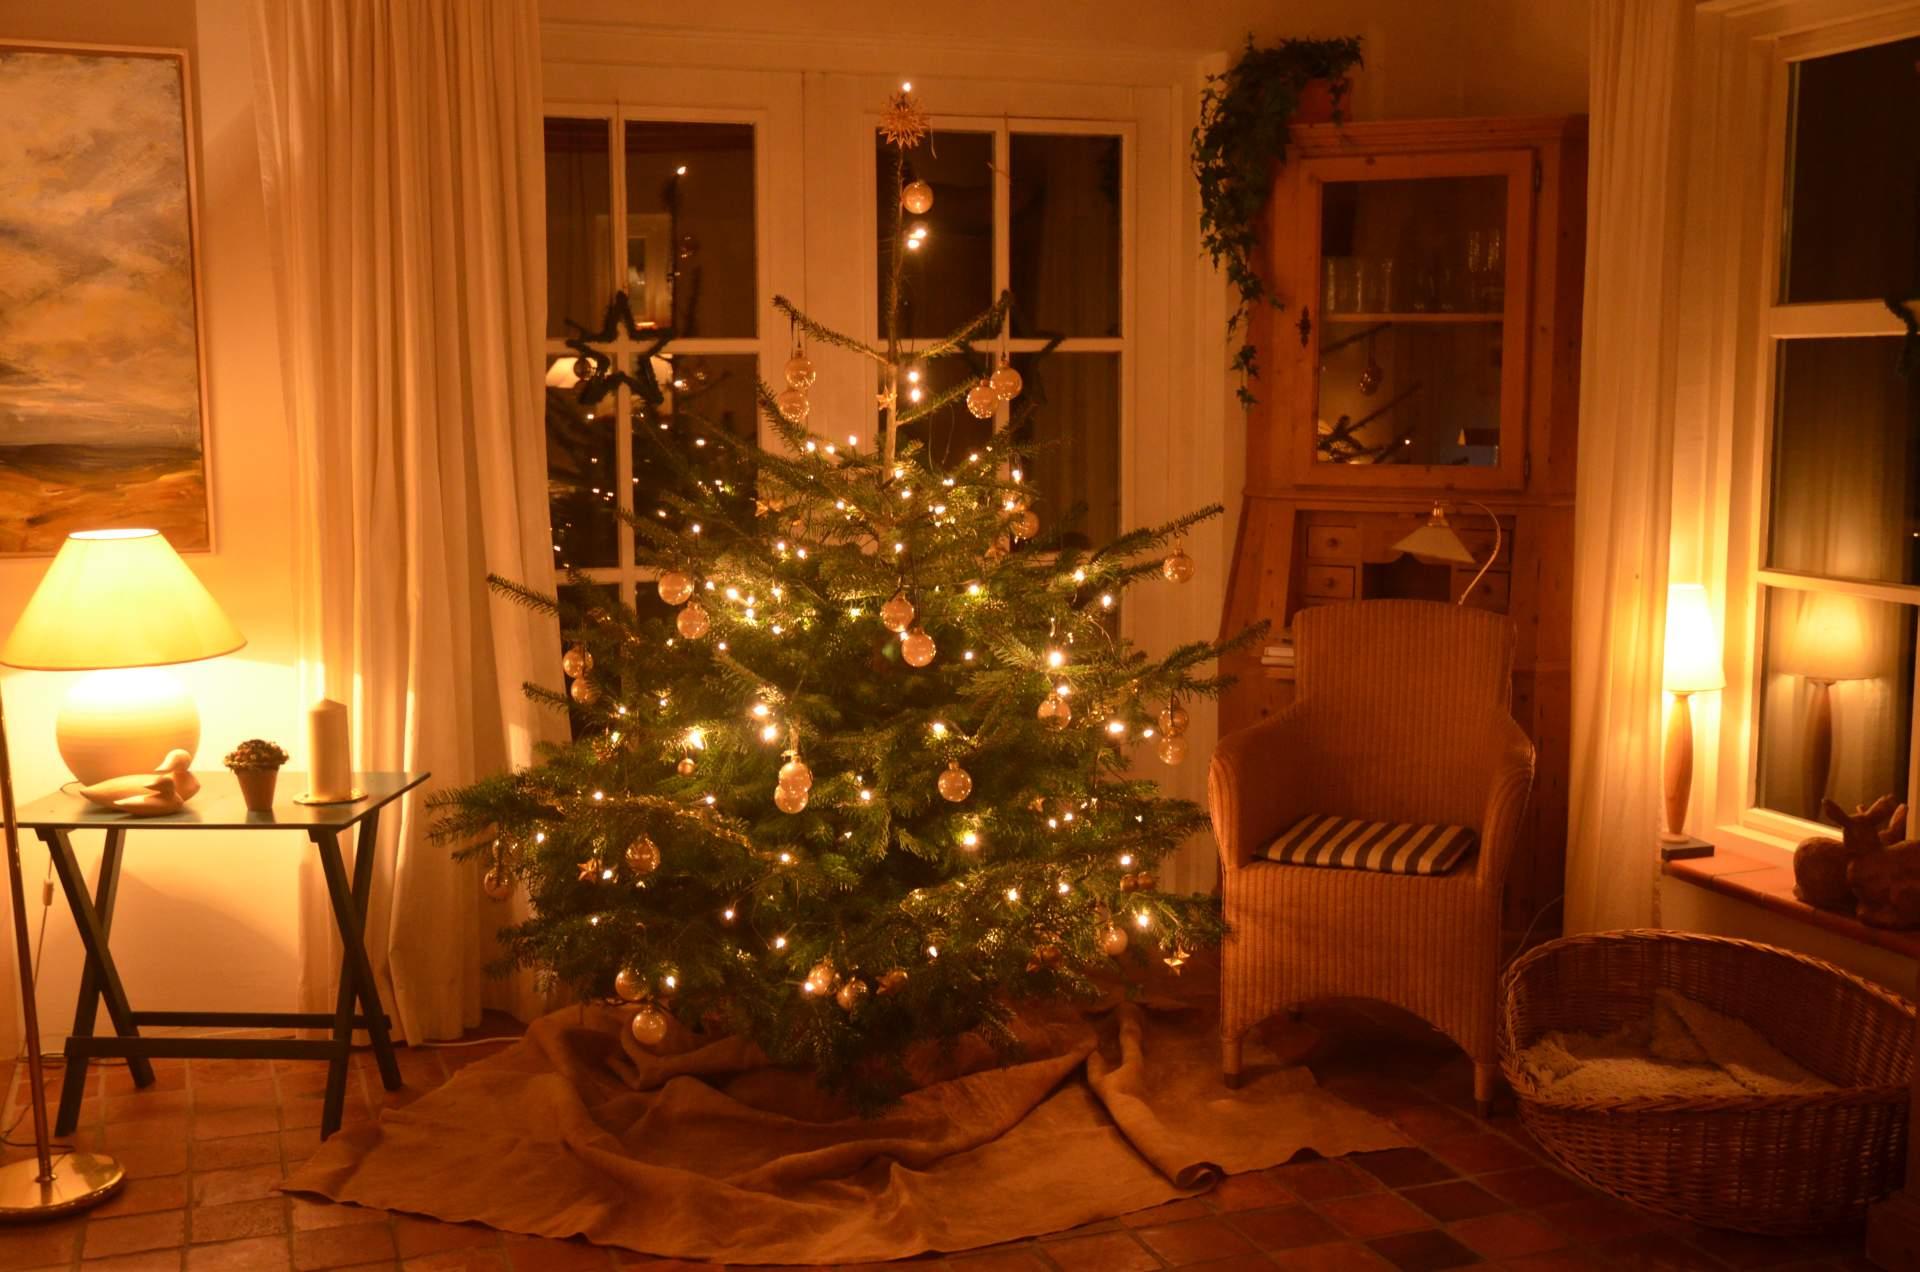 Weihnachtsbaum im wohnzimmer home image ideen for Weihnachten wohnzimmer